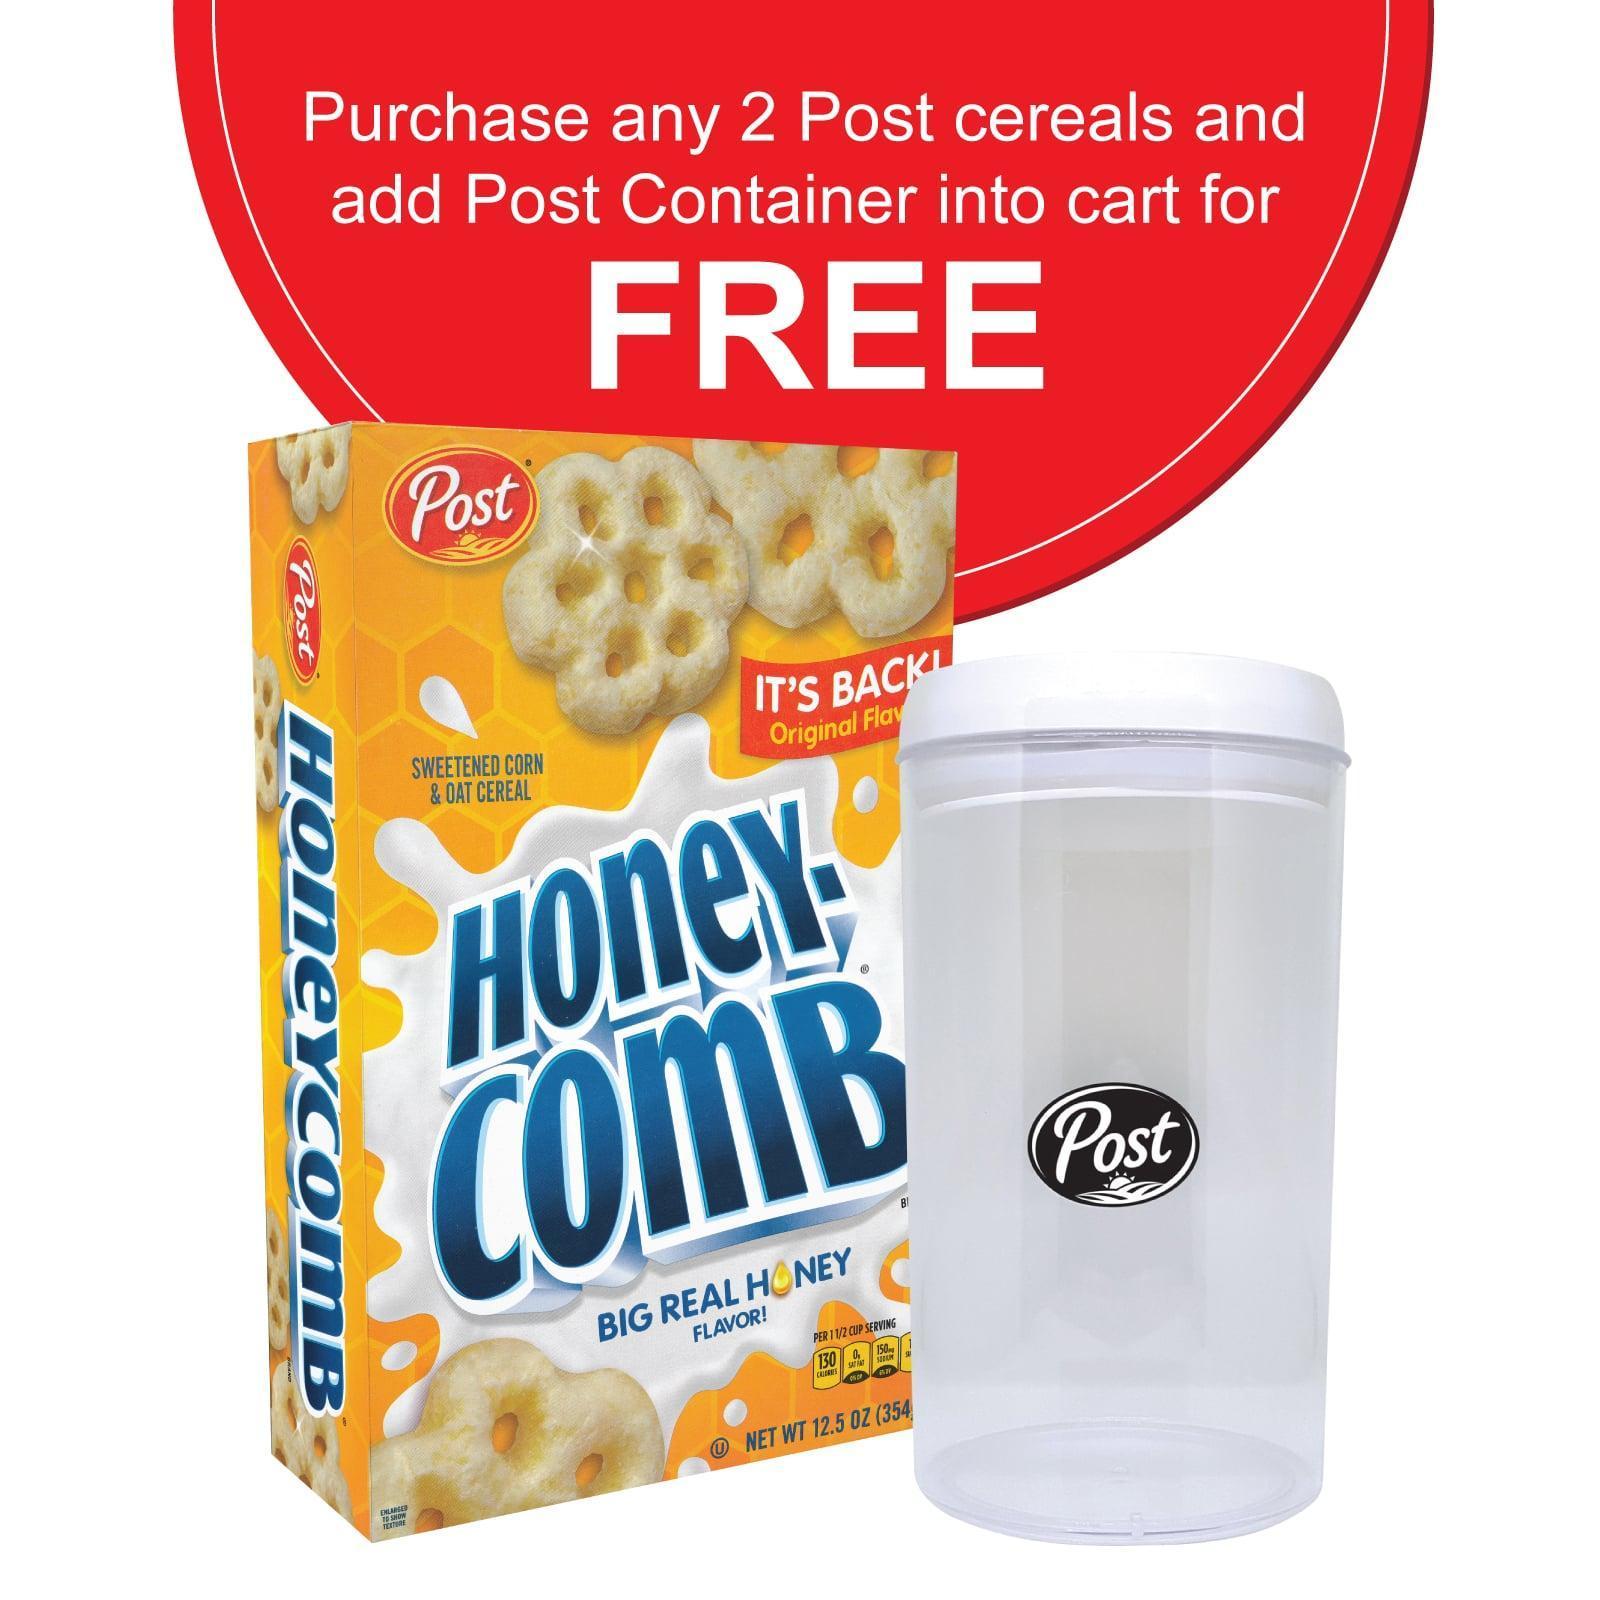 Post Honey Comb